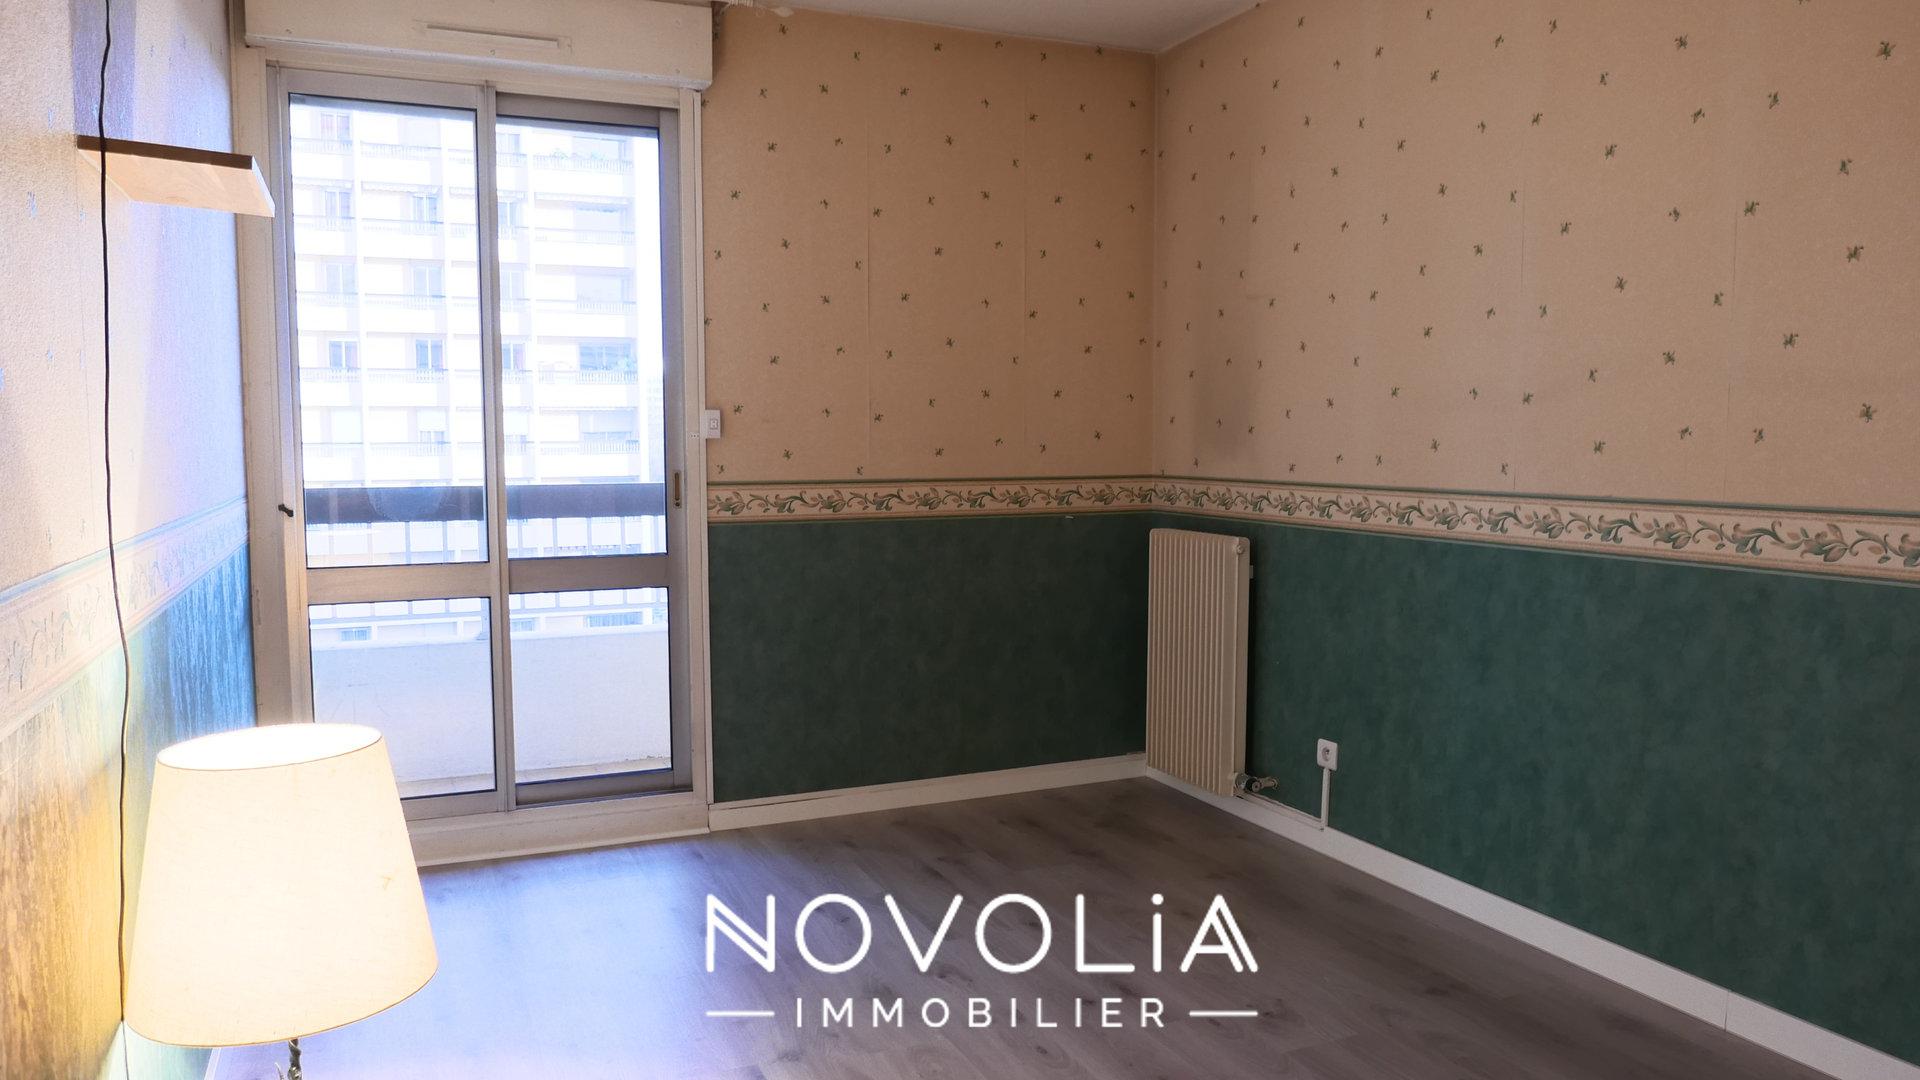 Achat Appartement, Surface de 69 m²/ Total carrez : 68.98 m², 3 pièces, Villeurbanne (69100)